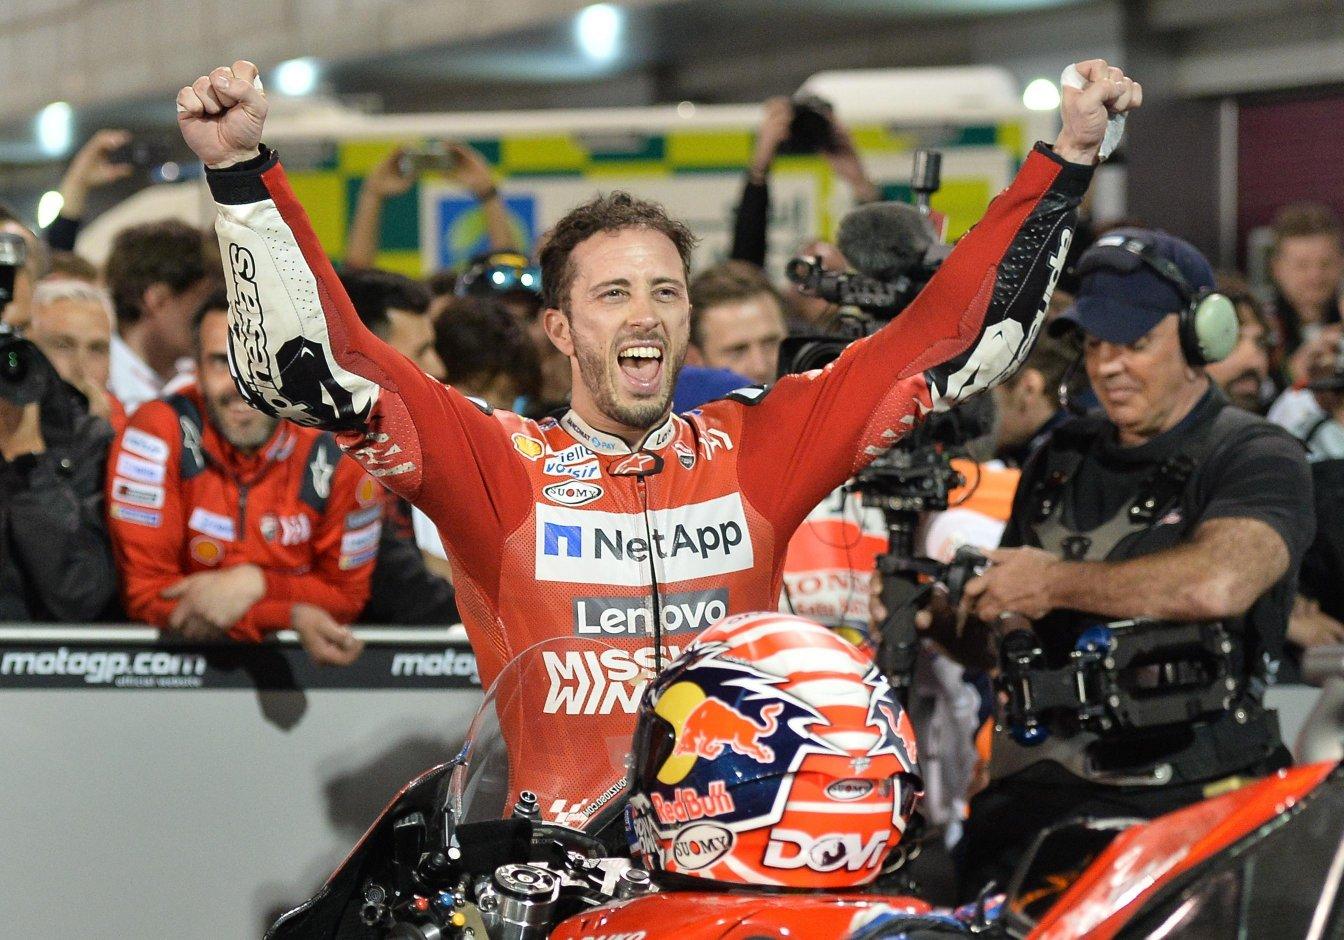 Sky Sport MotoGP, Diretta Esclusiva Gp Argentina (28 - 31 Marzo). In chiaro differita TV8